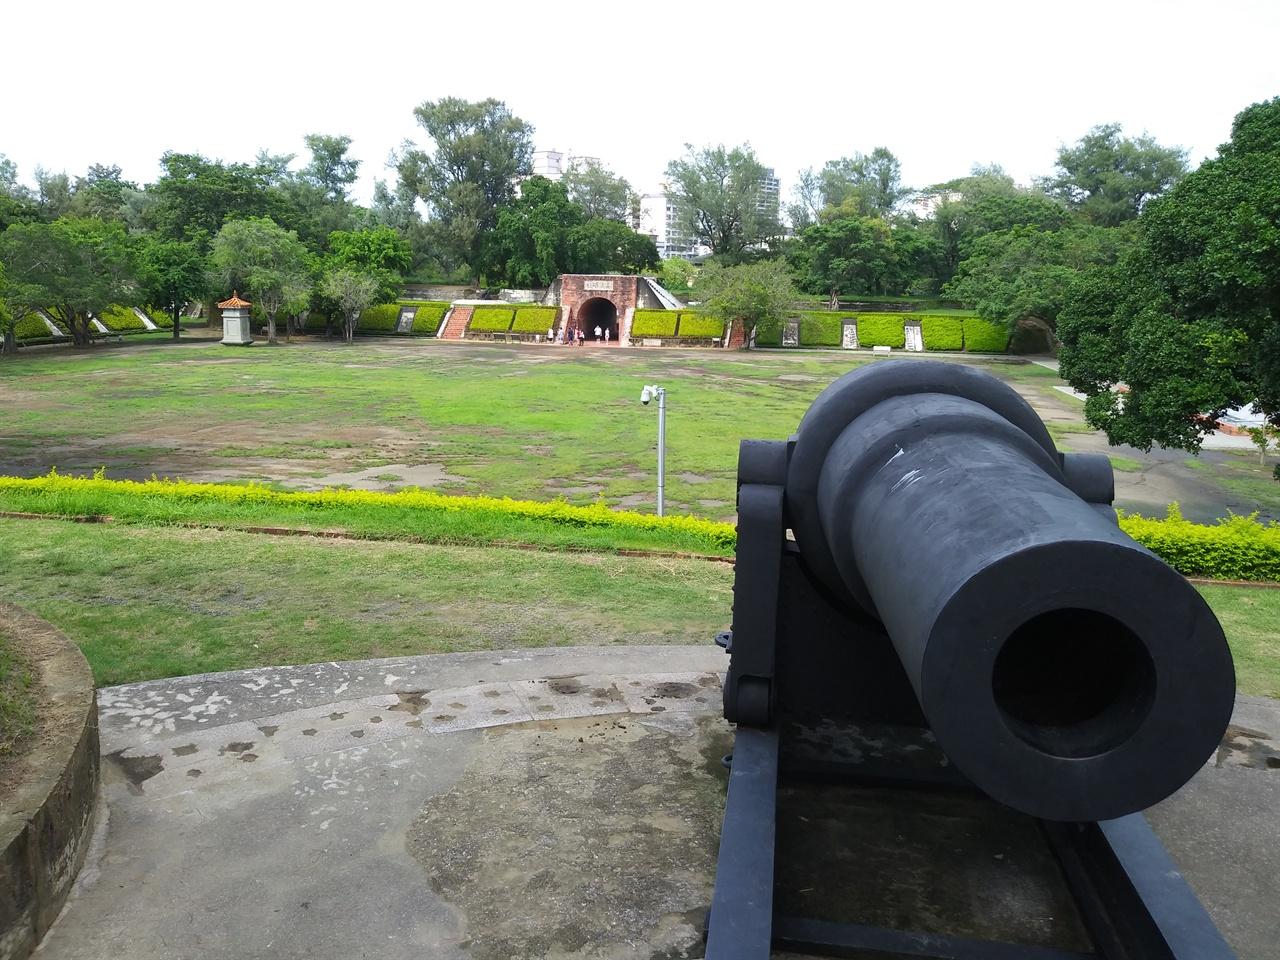 이짜이진청의 영국제 대포 1875년 청나라가 건설한 난공불락의 요새로, 수차례의 전쟁을 거쳤으면서도 훼손된 곳이 거의 없는 '안보 관광지'다.